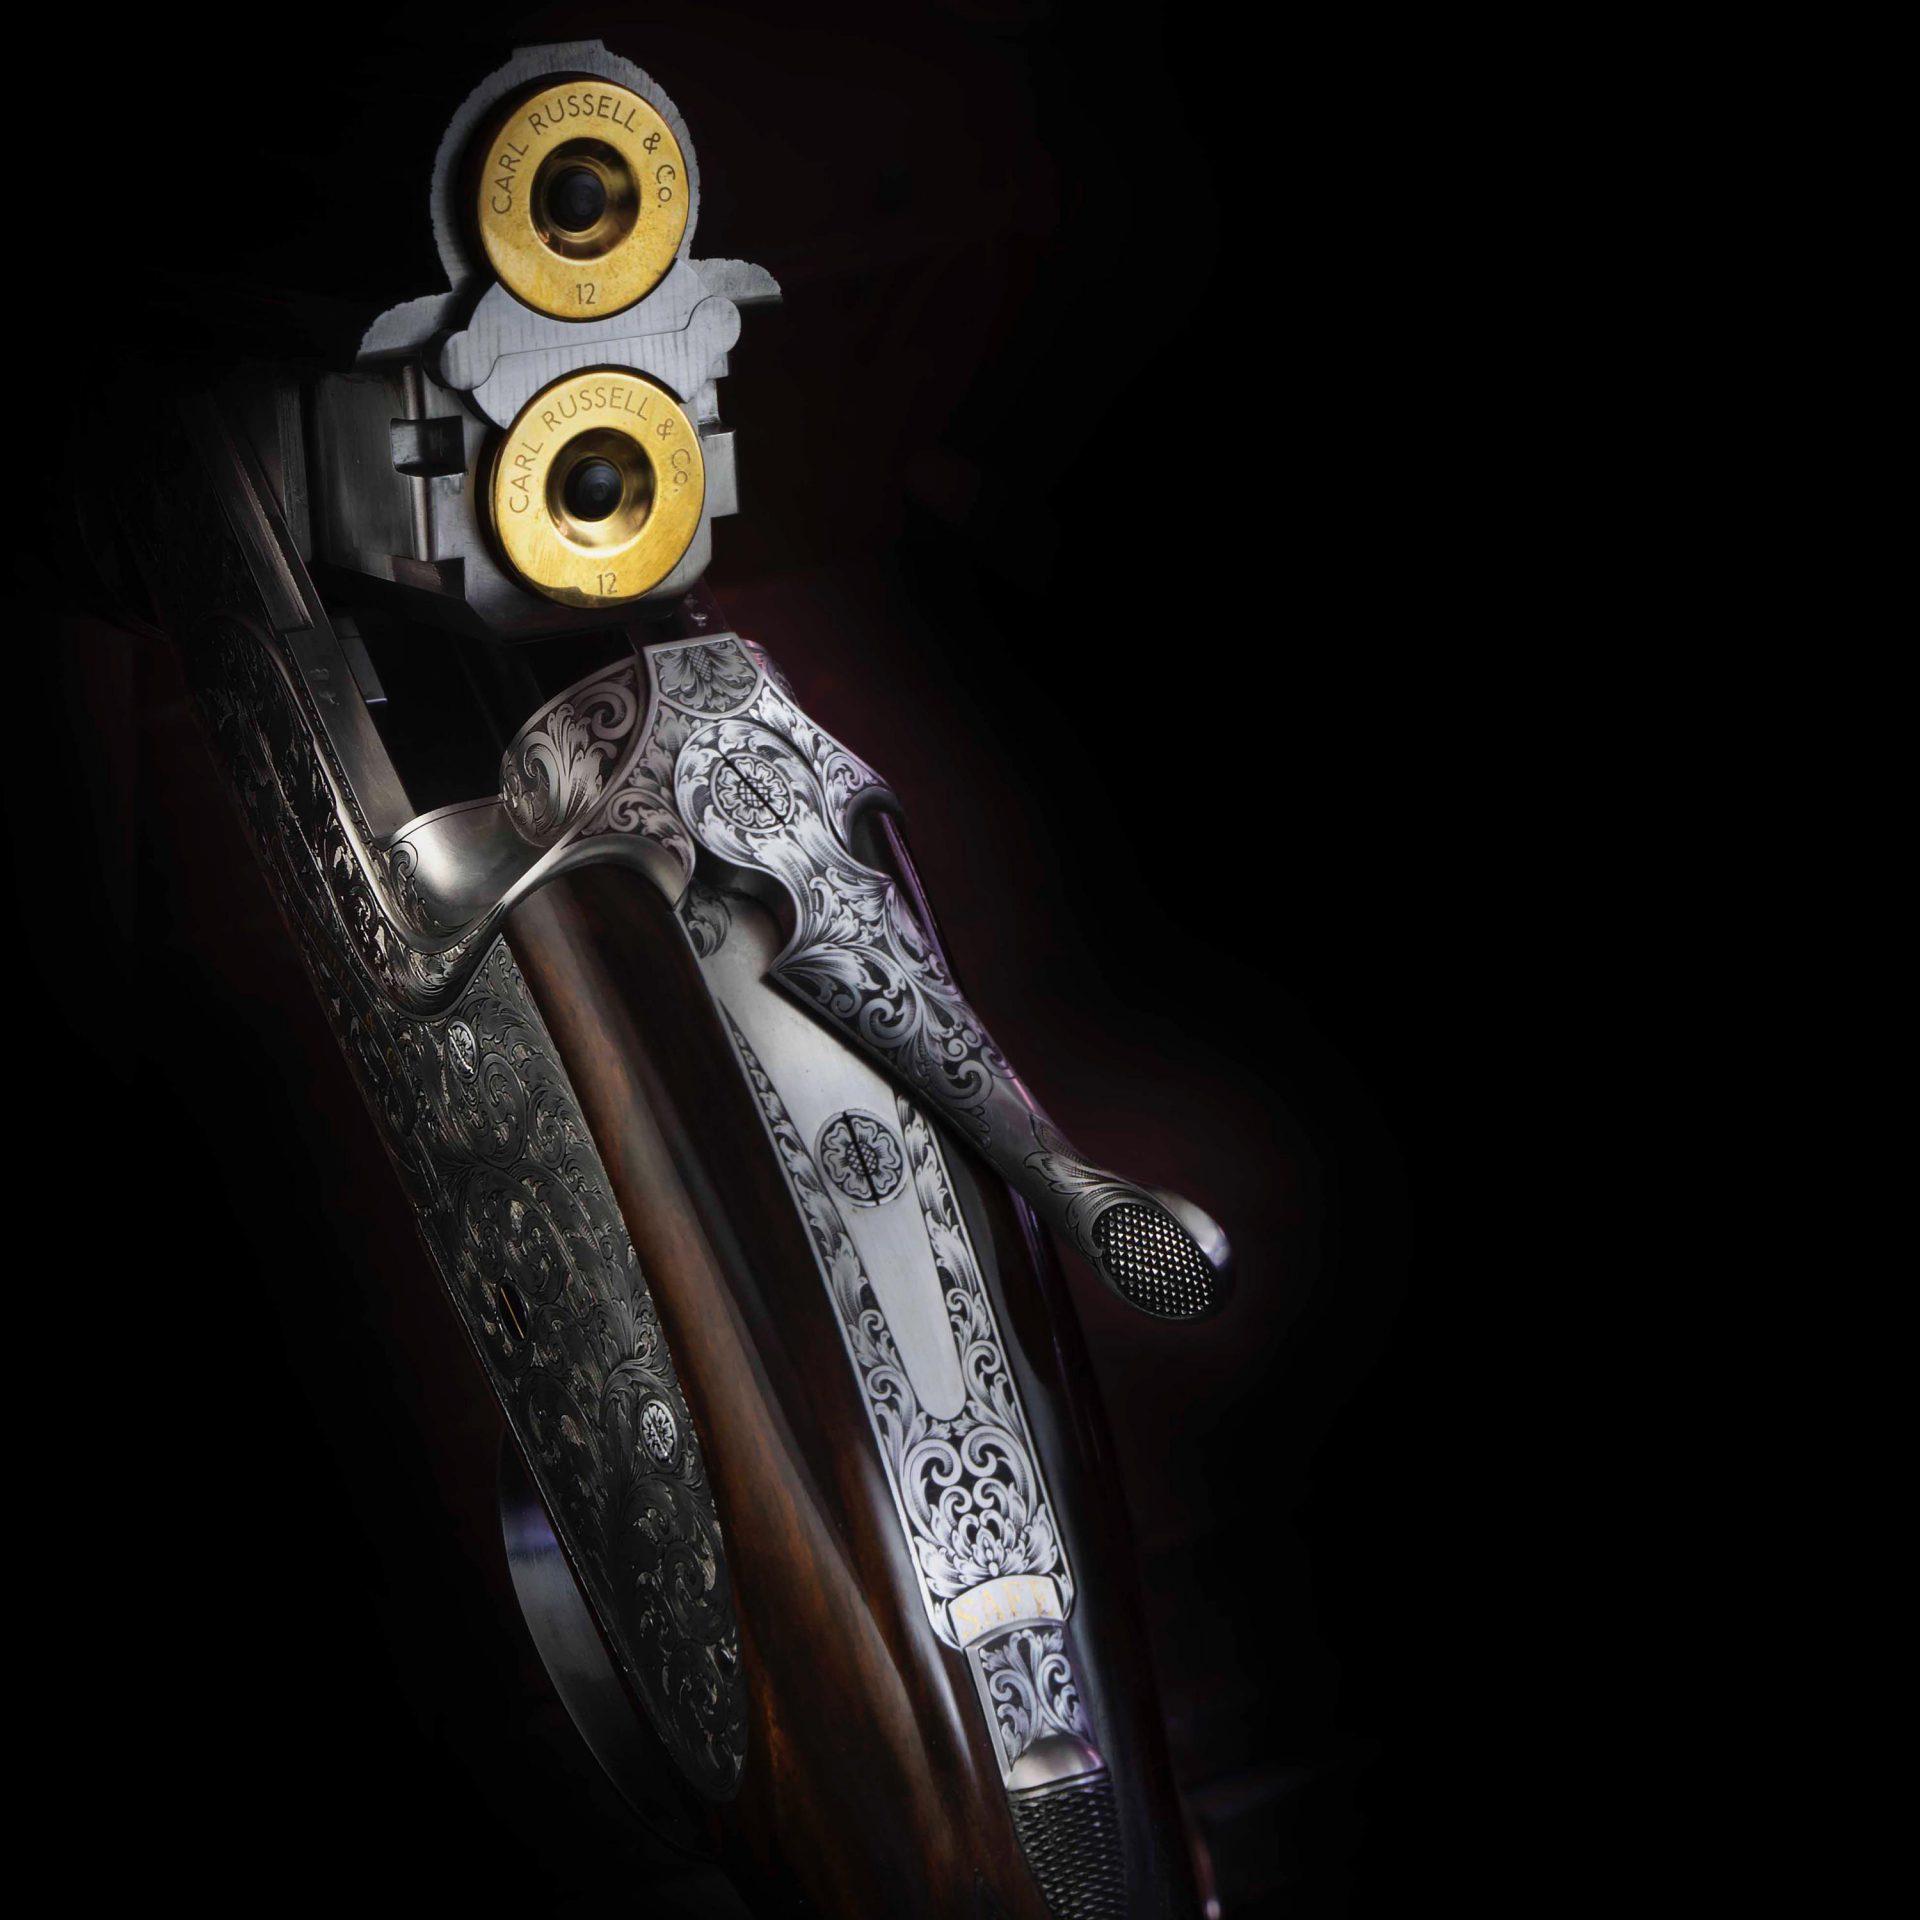 Carl Russell & Co Shotgun